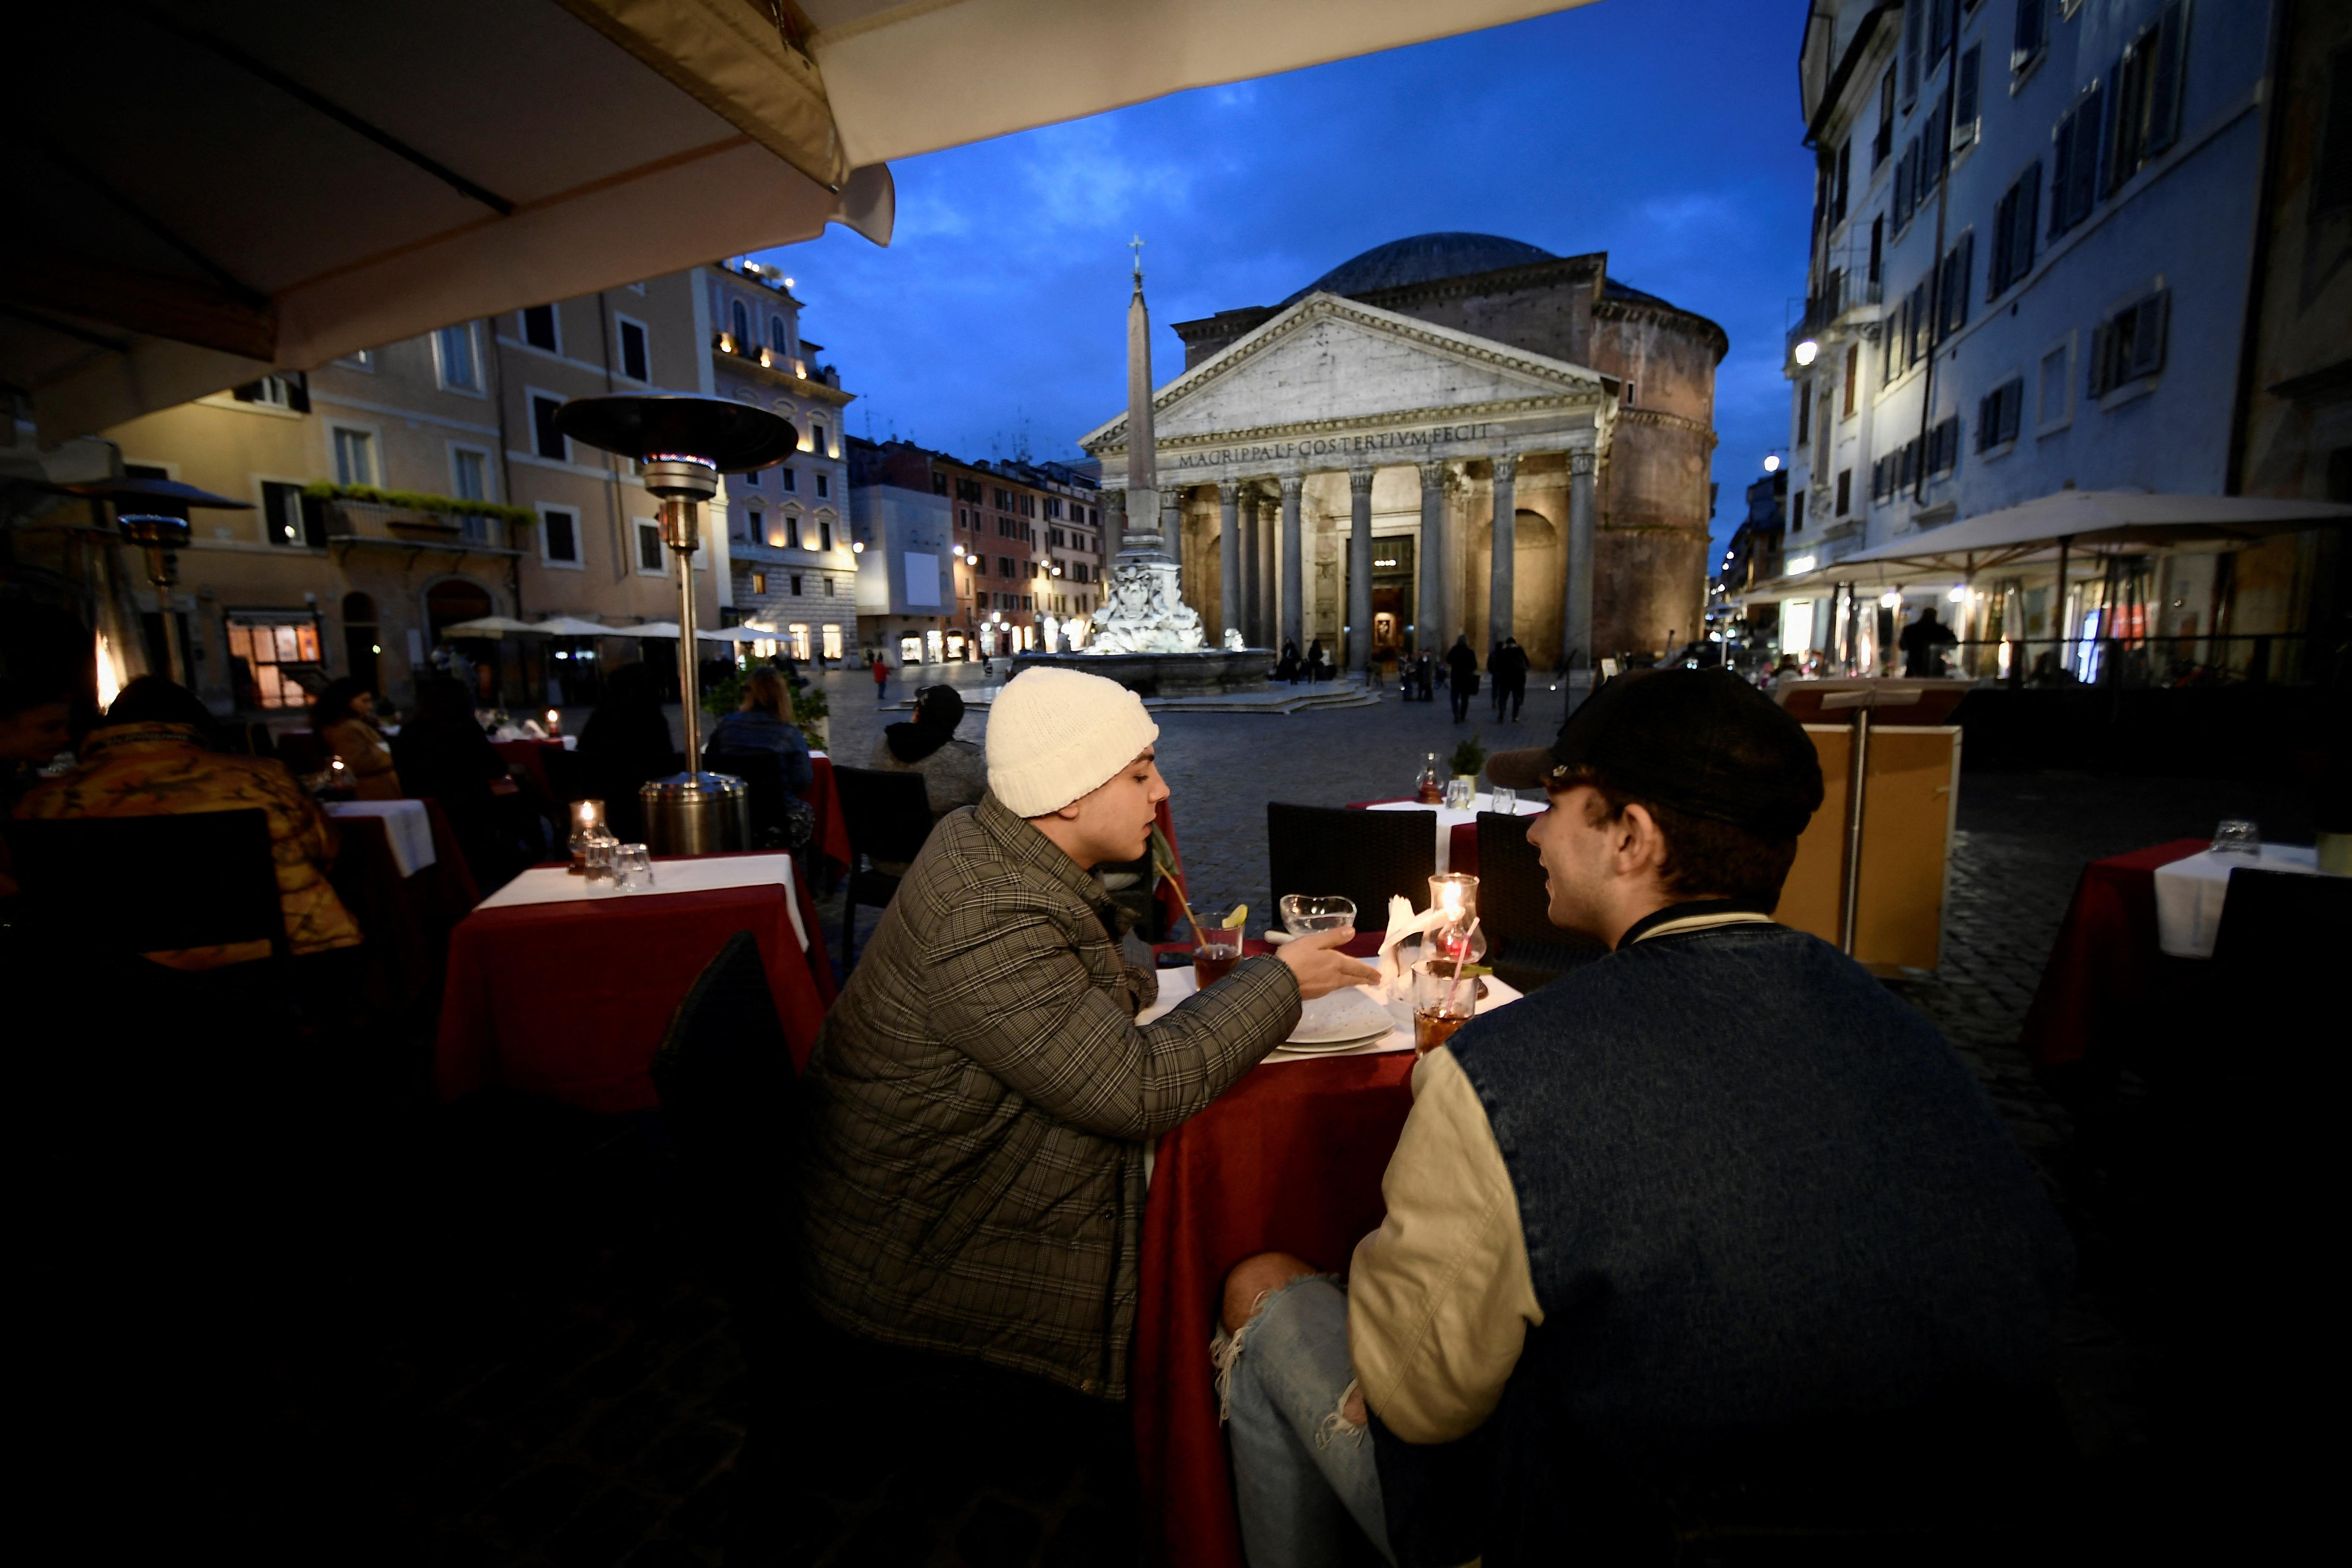 A vártnál korábban nyitnak az iskolák és a teraszok Olaszországban